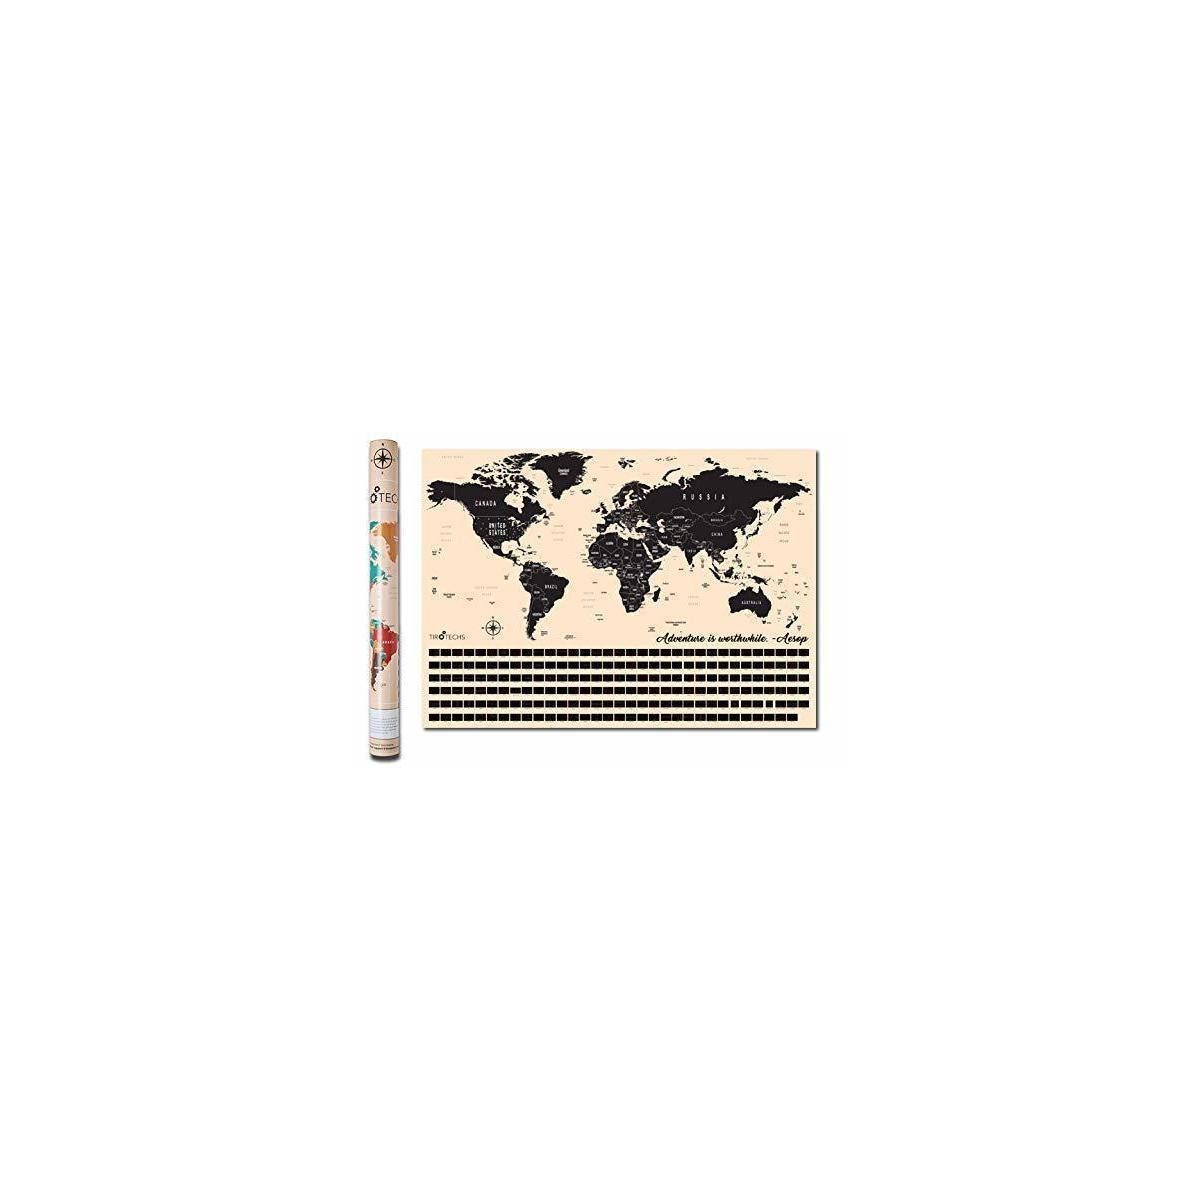 TIROTECHS Scratch Off Map - New Scratch Off World Map -Best Scratch Off Map of The World - Scratch Map - World Map Scratch Off Travel Map